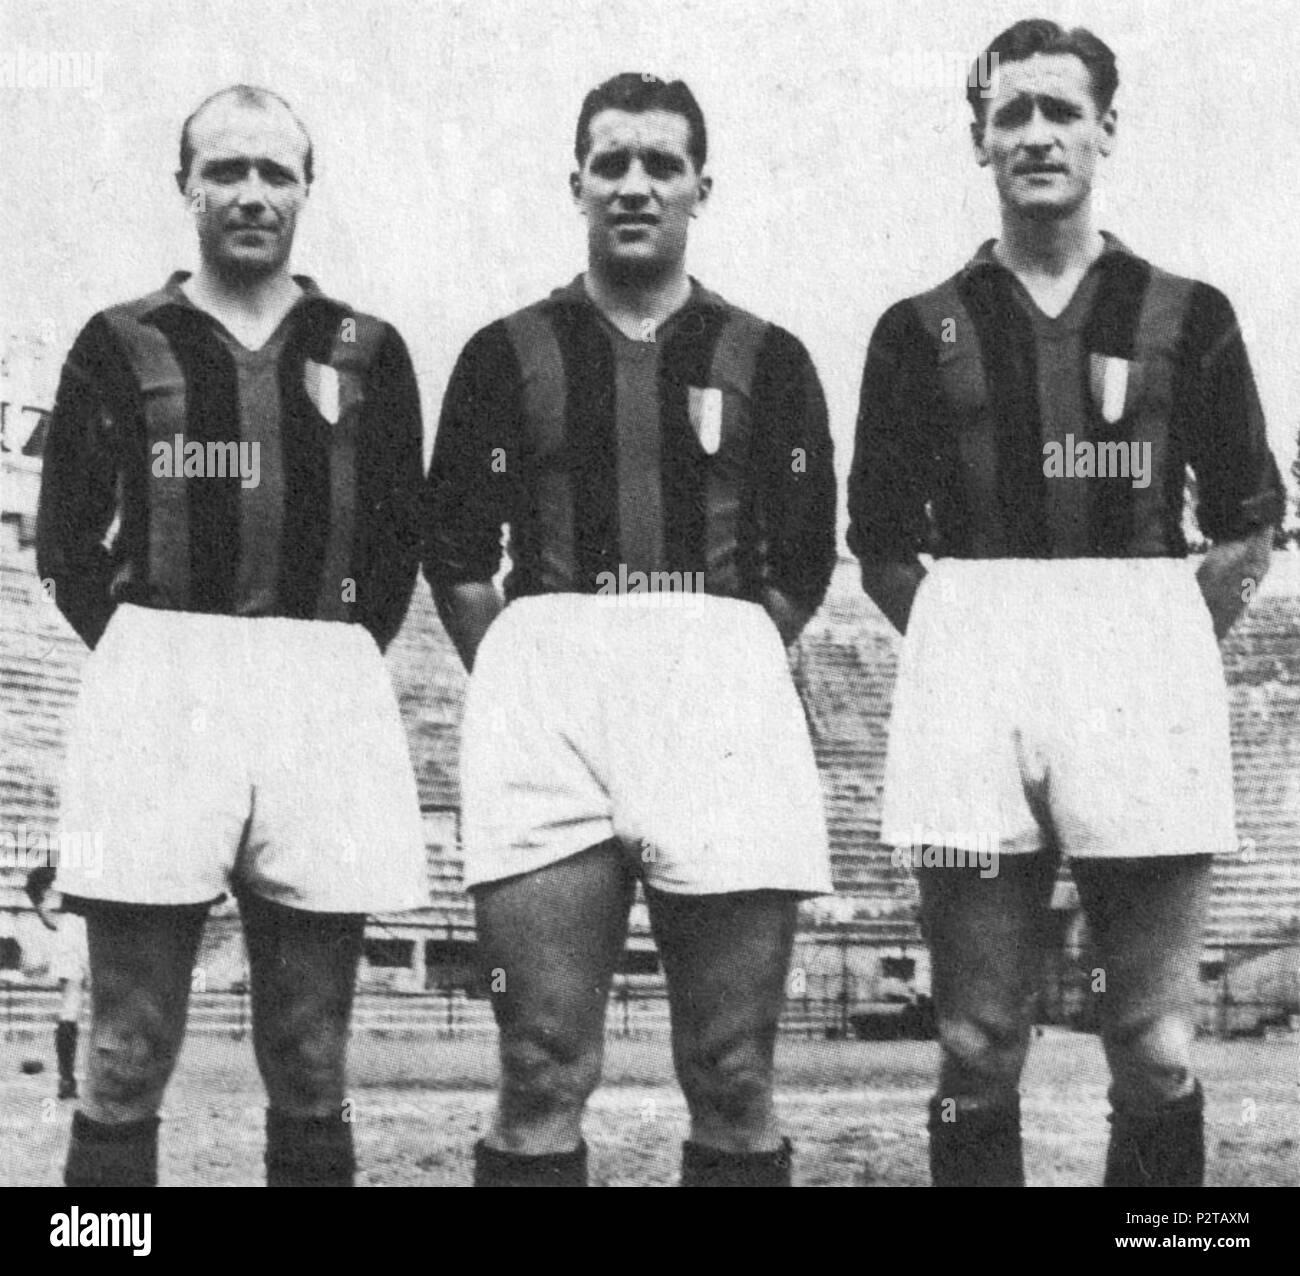 . Italiano: I calciatori svedesi Gunnar Gren (a sinistra), Gunnar Nordahl (al centro) e Nils Liedholm (a destra), ovvero il trio 'Gre-No-li' del Milan, en posa con lo scudetto sulle maglie dopo la vittoria rossonera Campionato Italiano di nel Serie A 1950-1951. aux environs de 1951. Inconnu 3 AC Milan - Gre-No-Li (circa 1951) Photo Stock